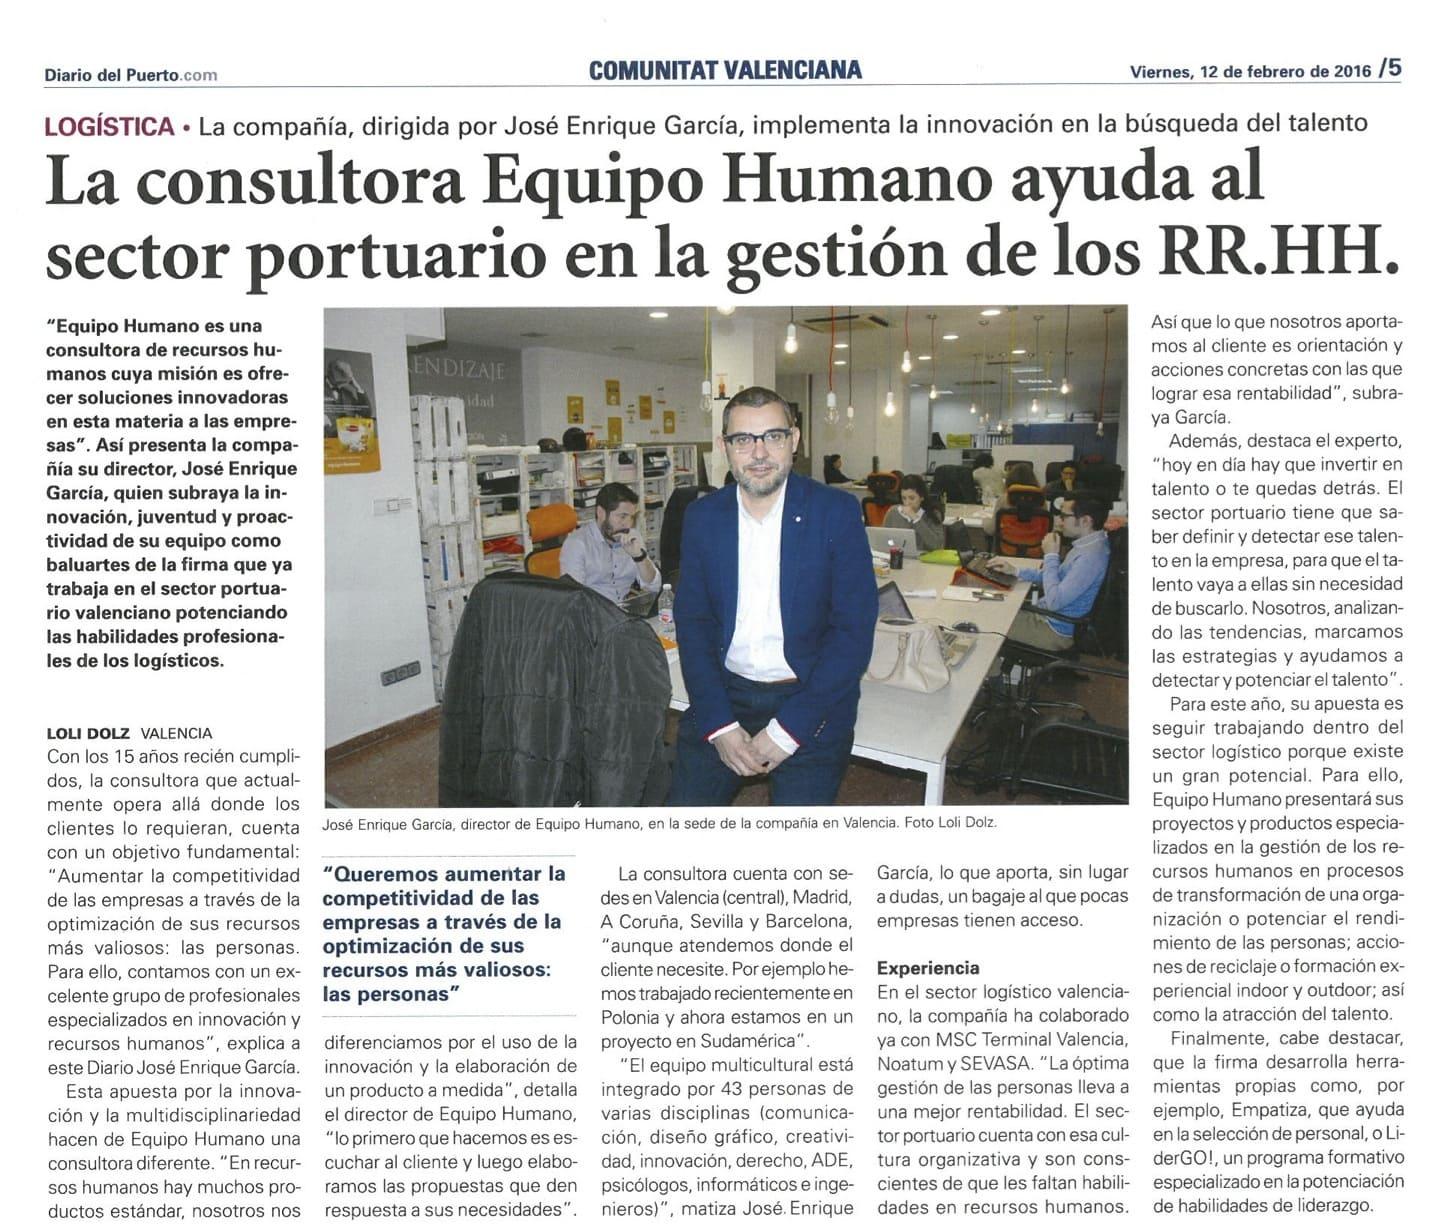 Diario del Puerto: Equipo Humano ayuda a las empresas portuarias